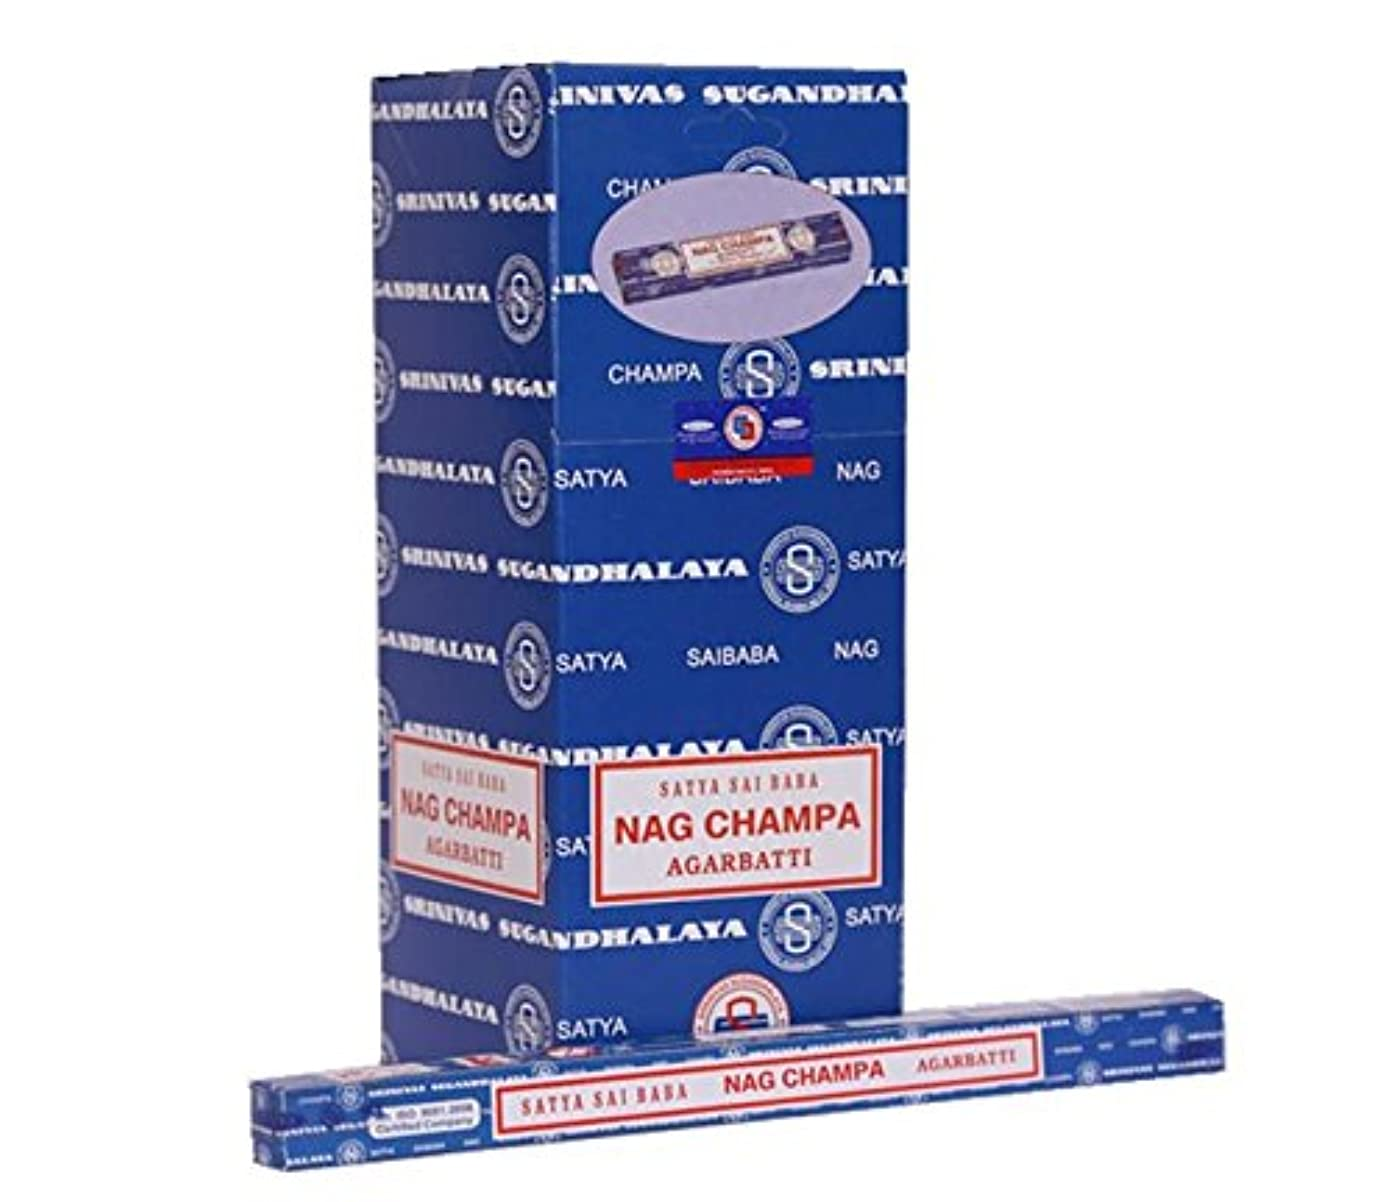 寛容ランデブー冒険SAI BABA Nag Champa Satyaお香250グラム  25パックの10グラム各in aボックス エクスポート品質